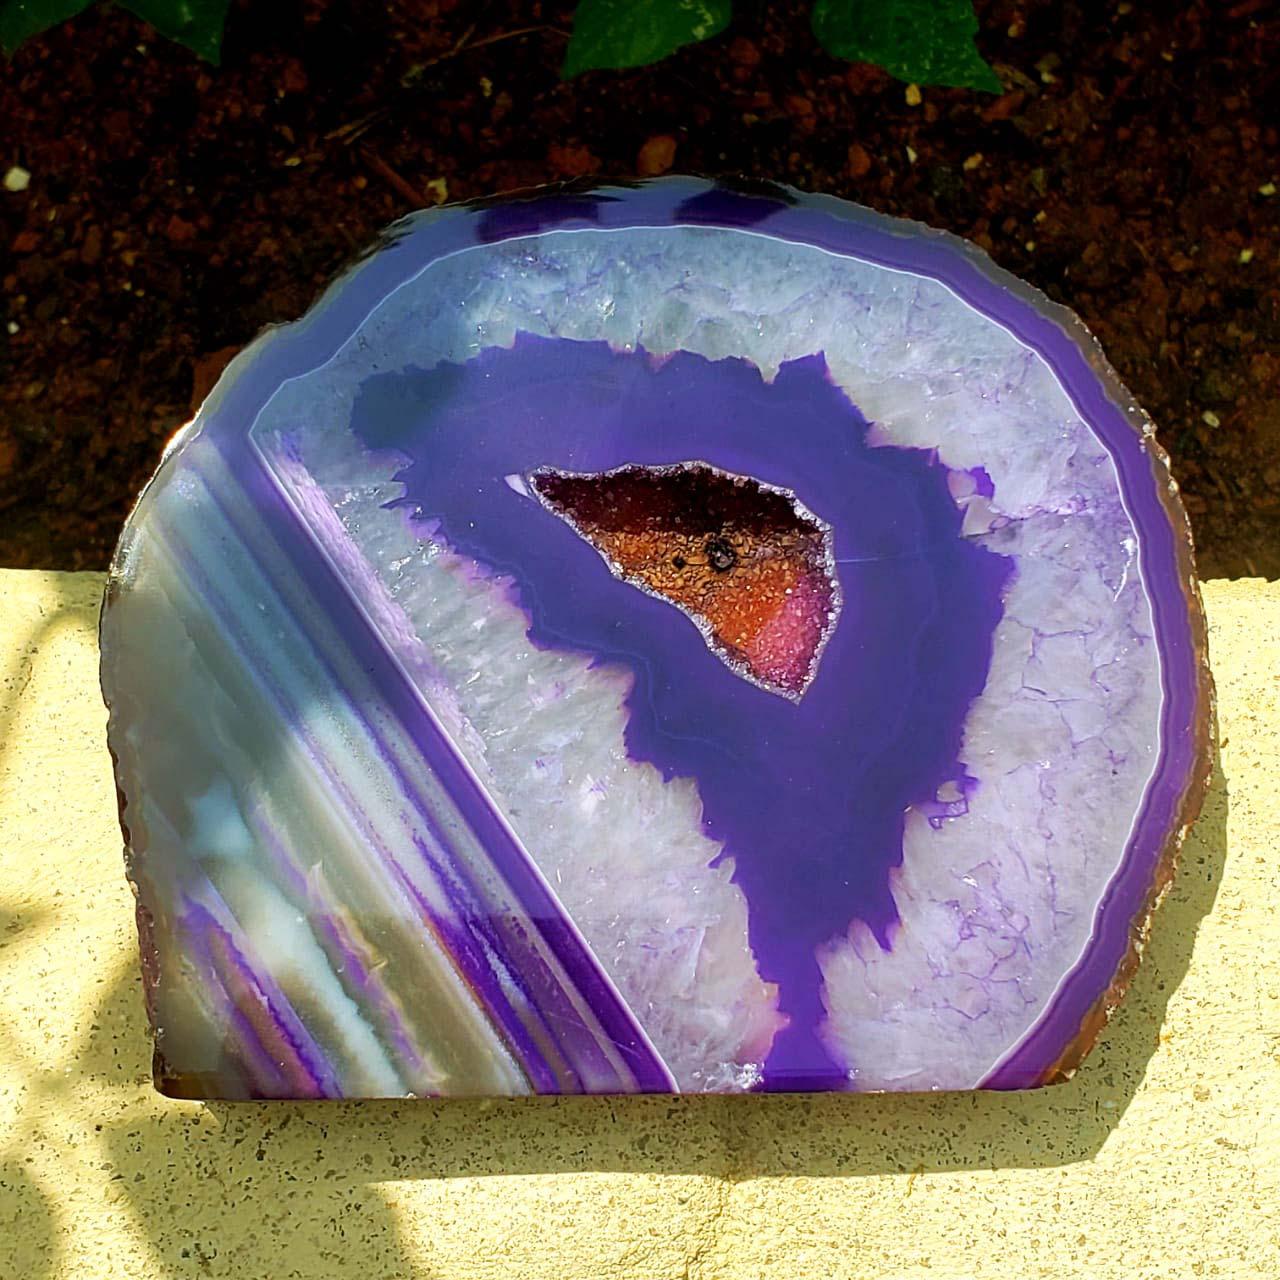 Cristal - Geodo - Ágata Roxa e Branca com Cristalização de Quartzo